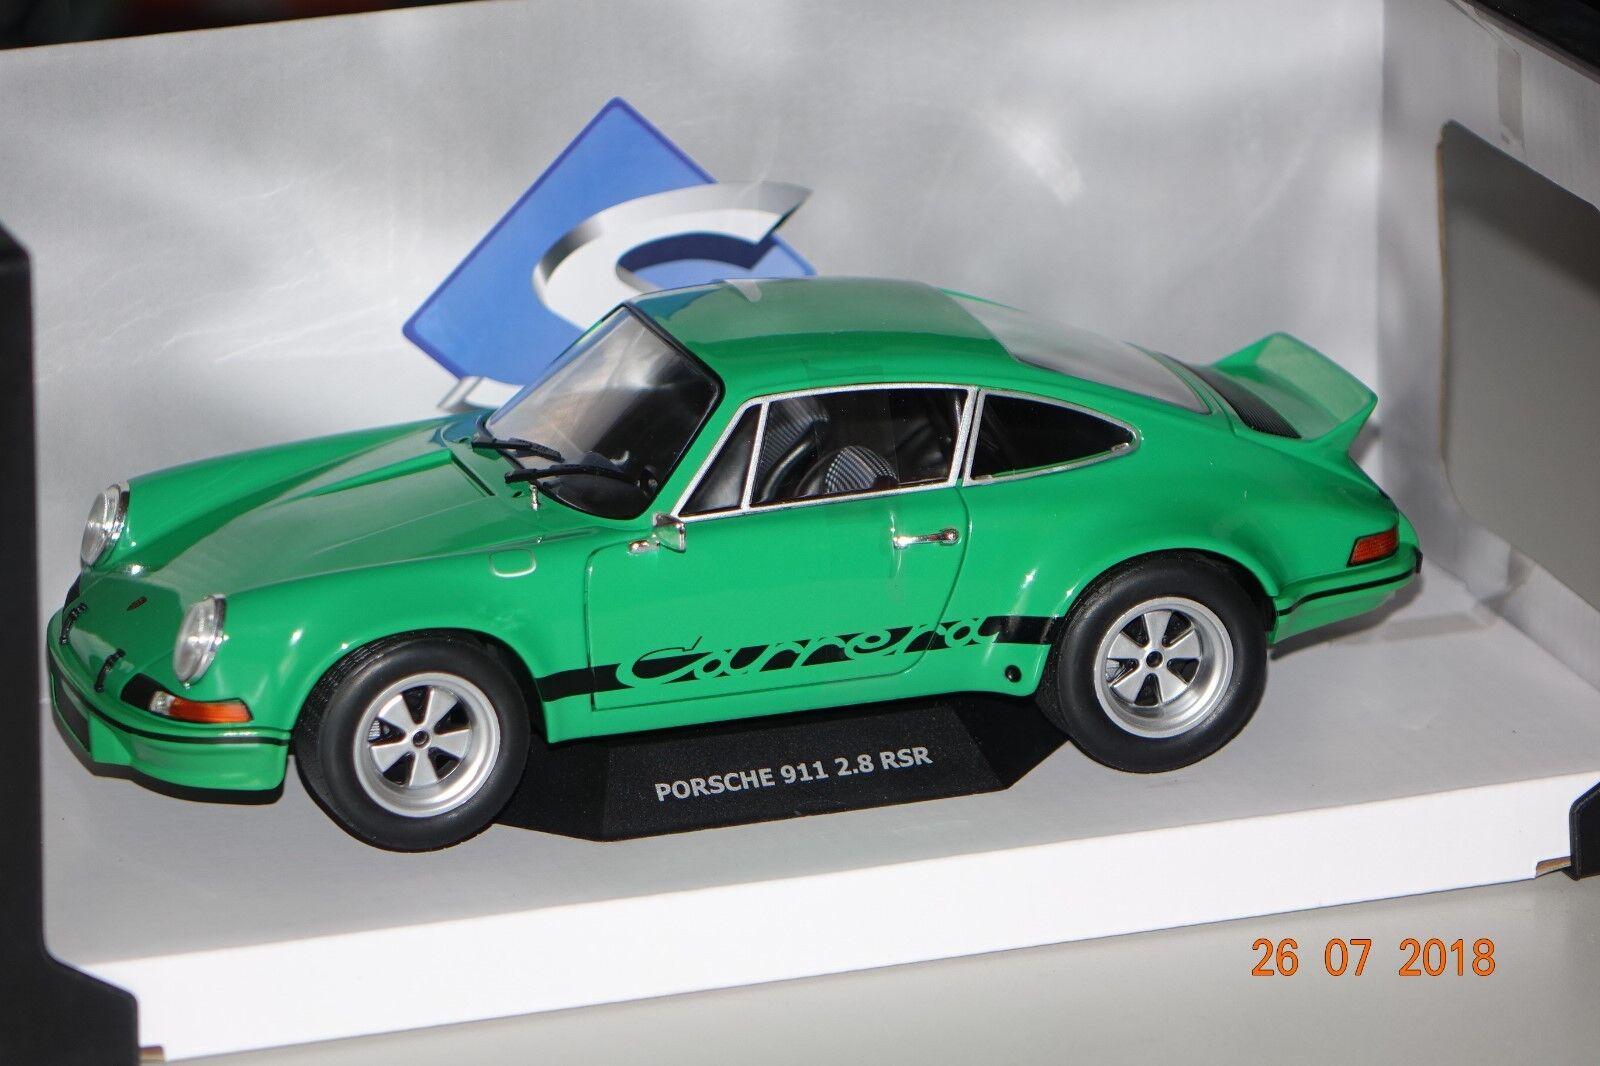 Porsche 911 2,8 RSR Carrera 1973 vert 1 18 Solido 1801102 NOUVEAU & NEUF dans sa boîte